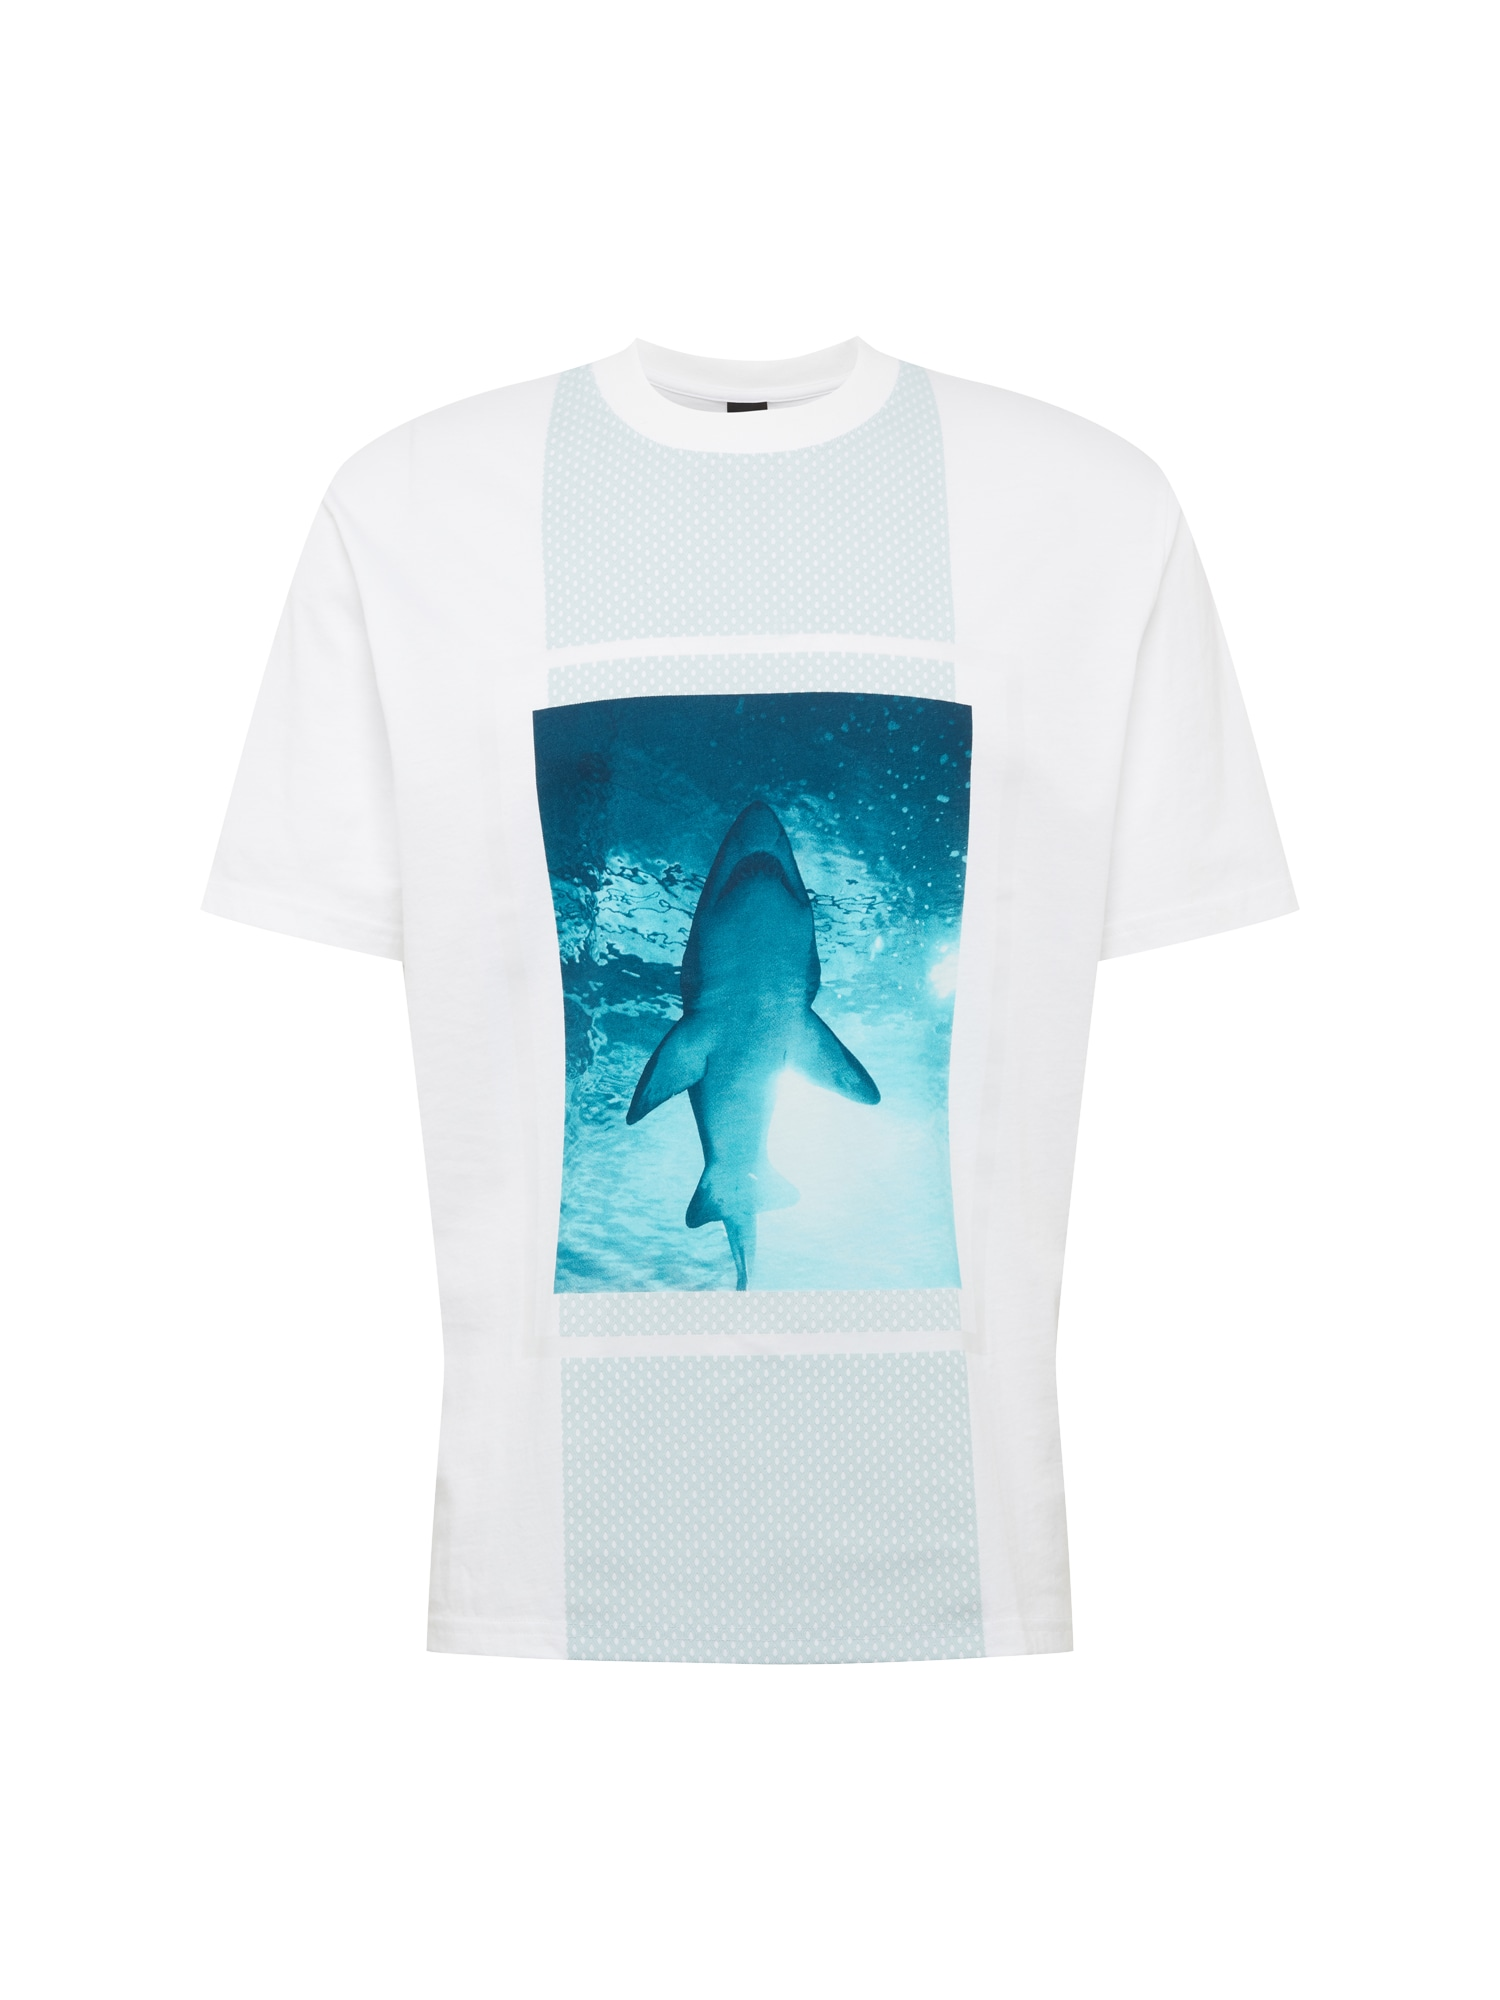 Tričko TPool 3 modrá bílá BOSS